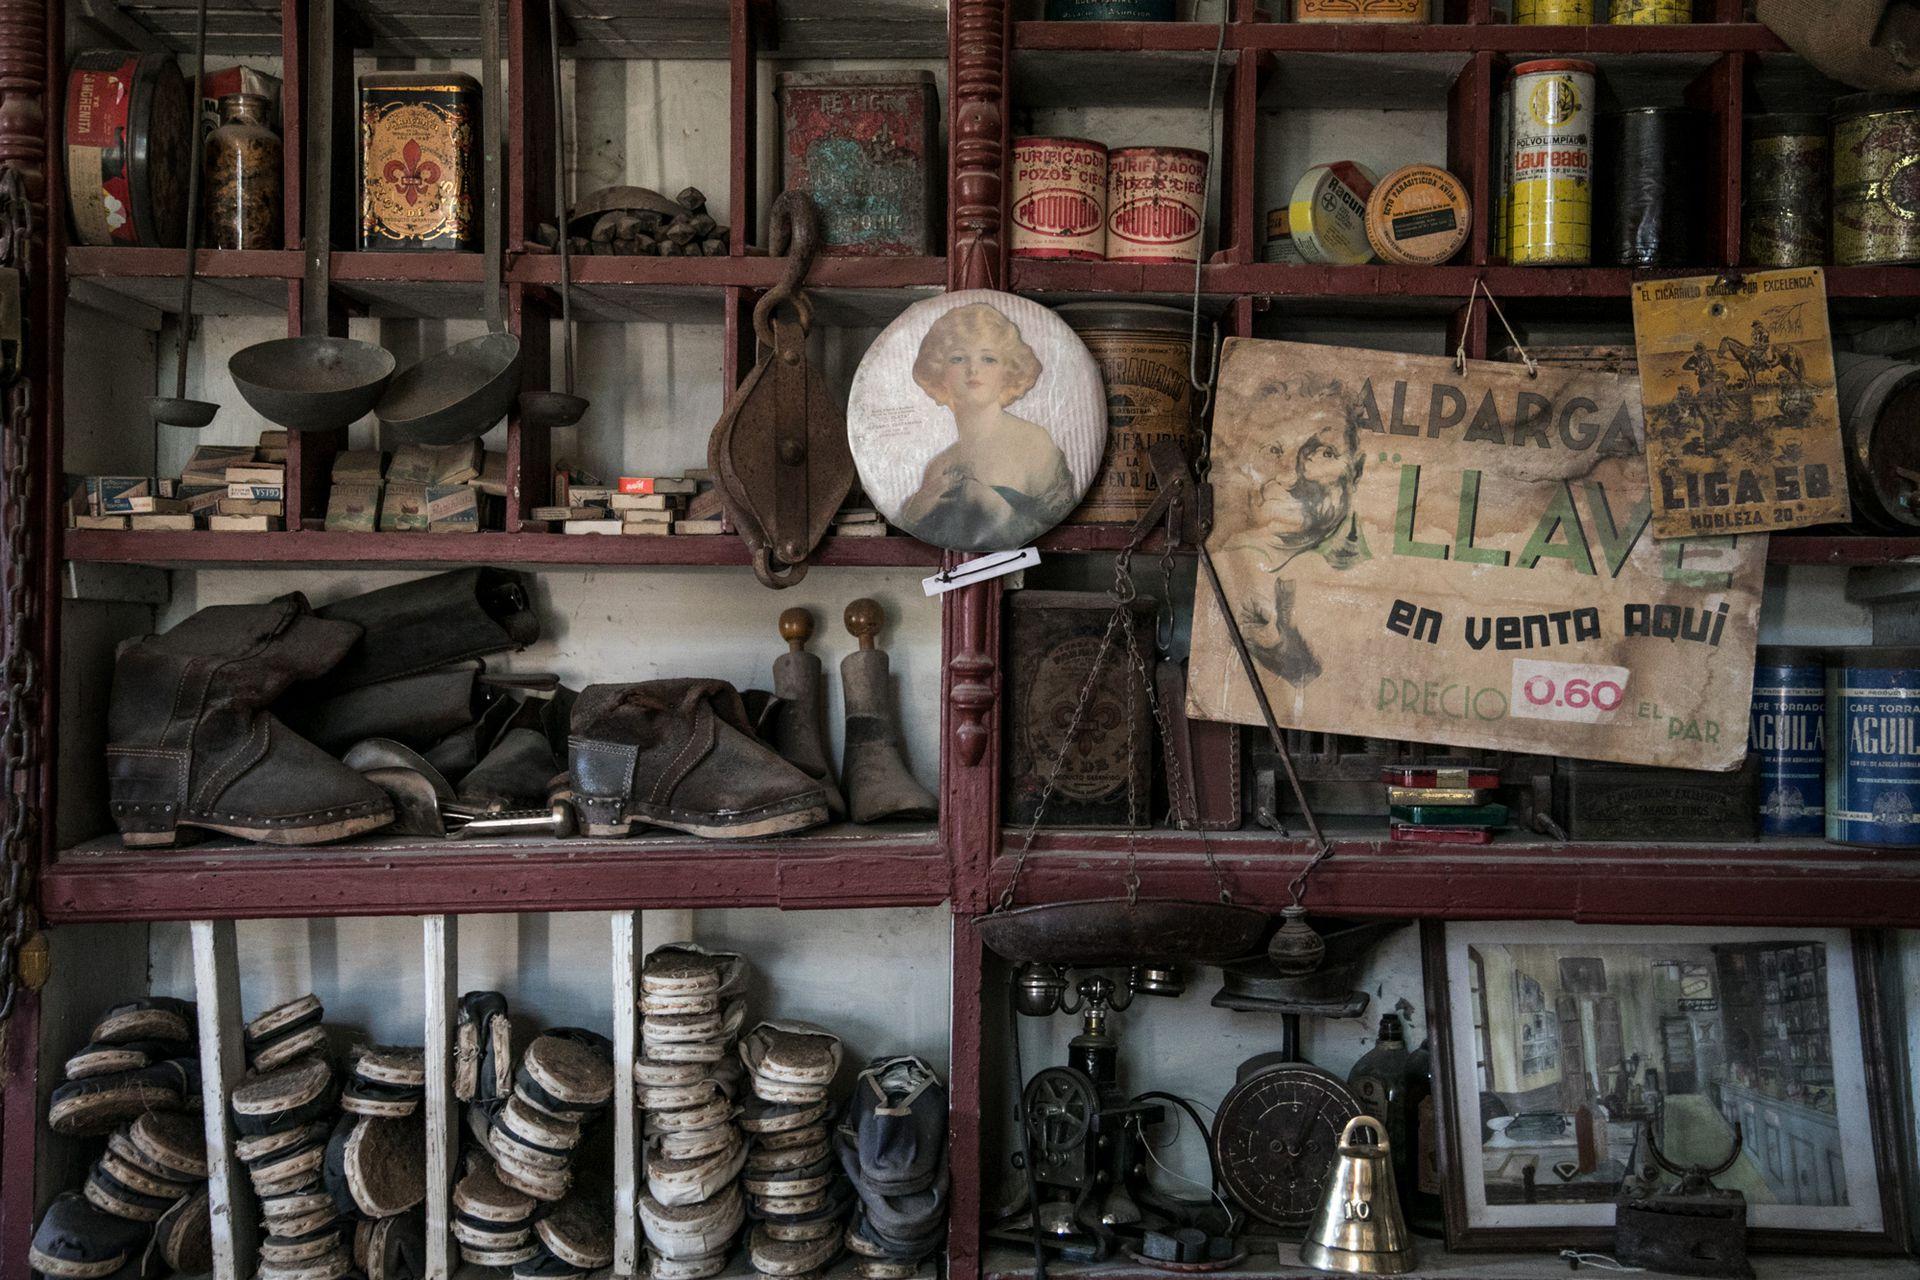 Alpargatas y otros objetos camperos en El Recreo.